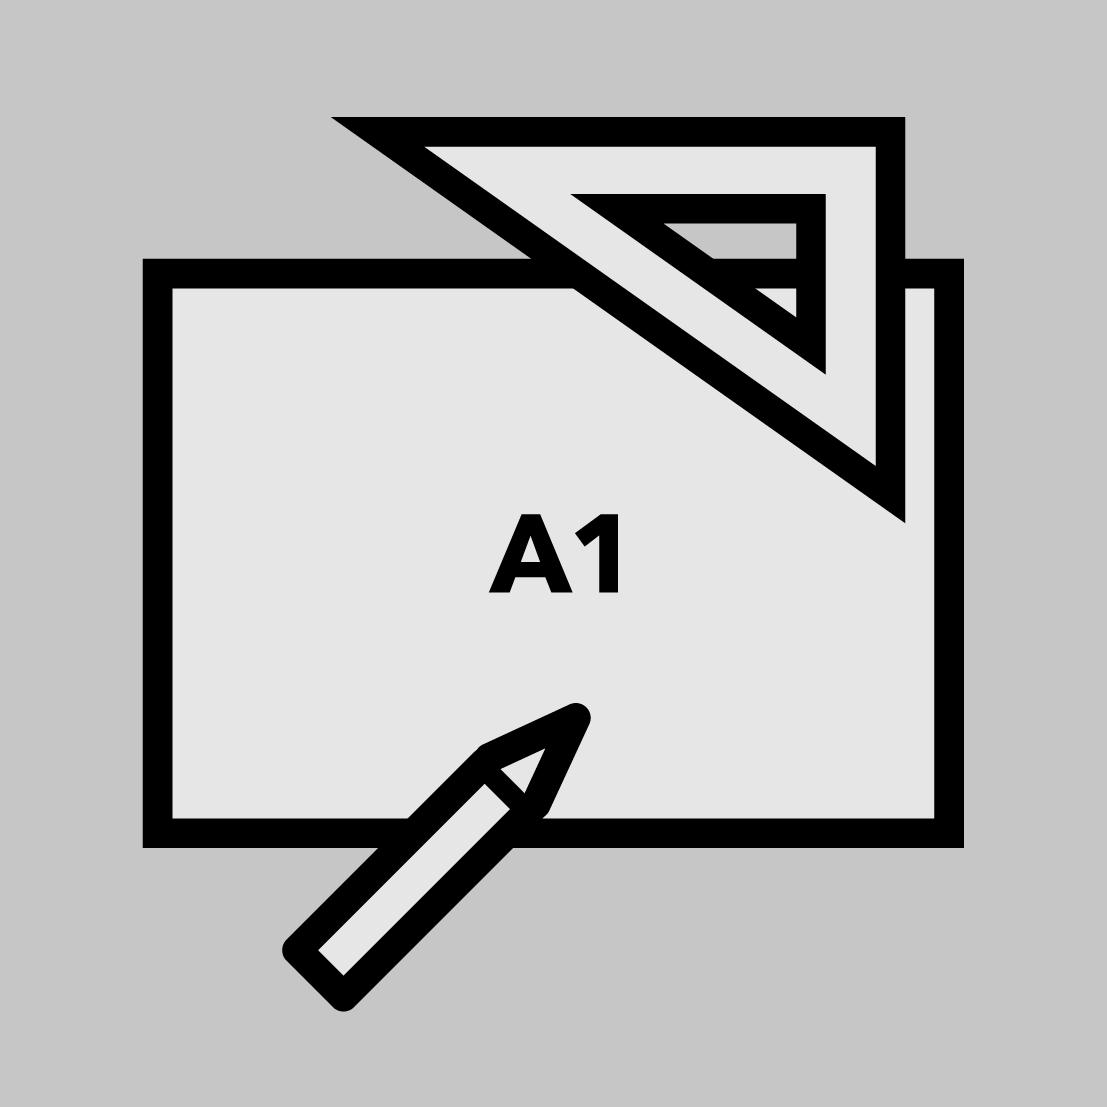 a1-landscape-icon-02.png